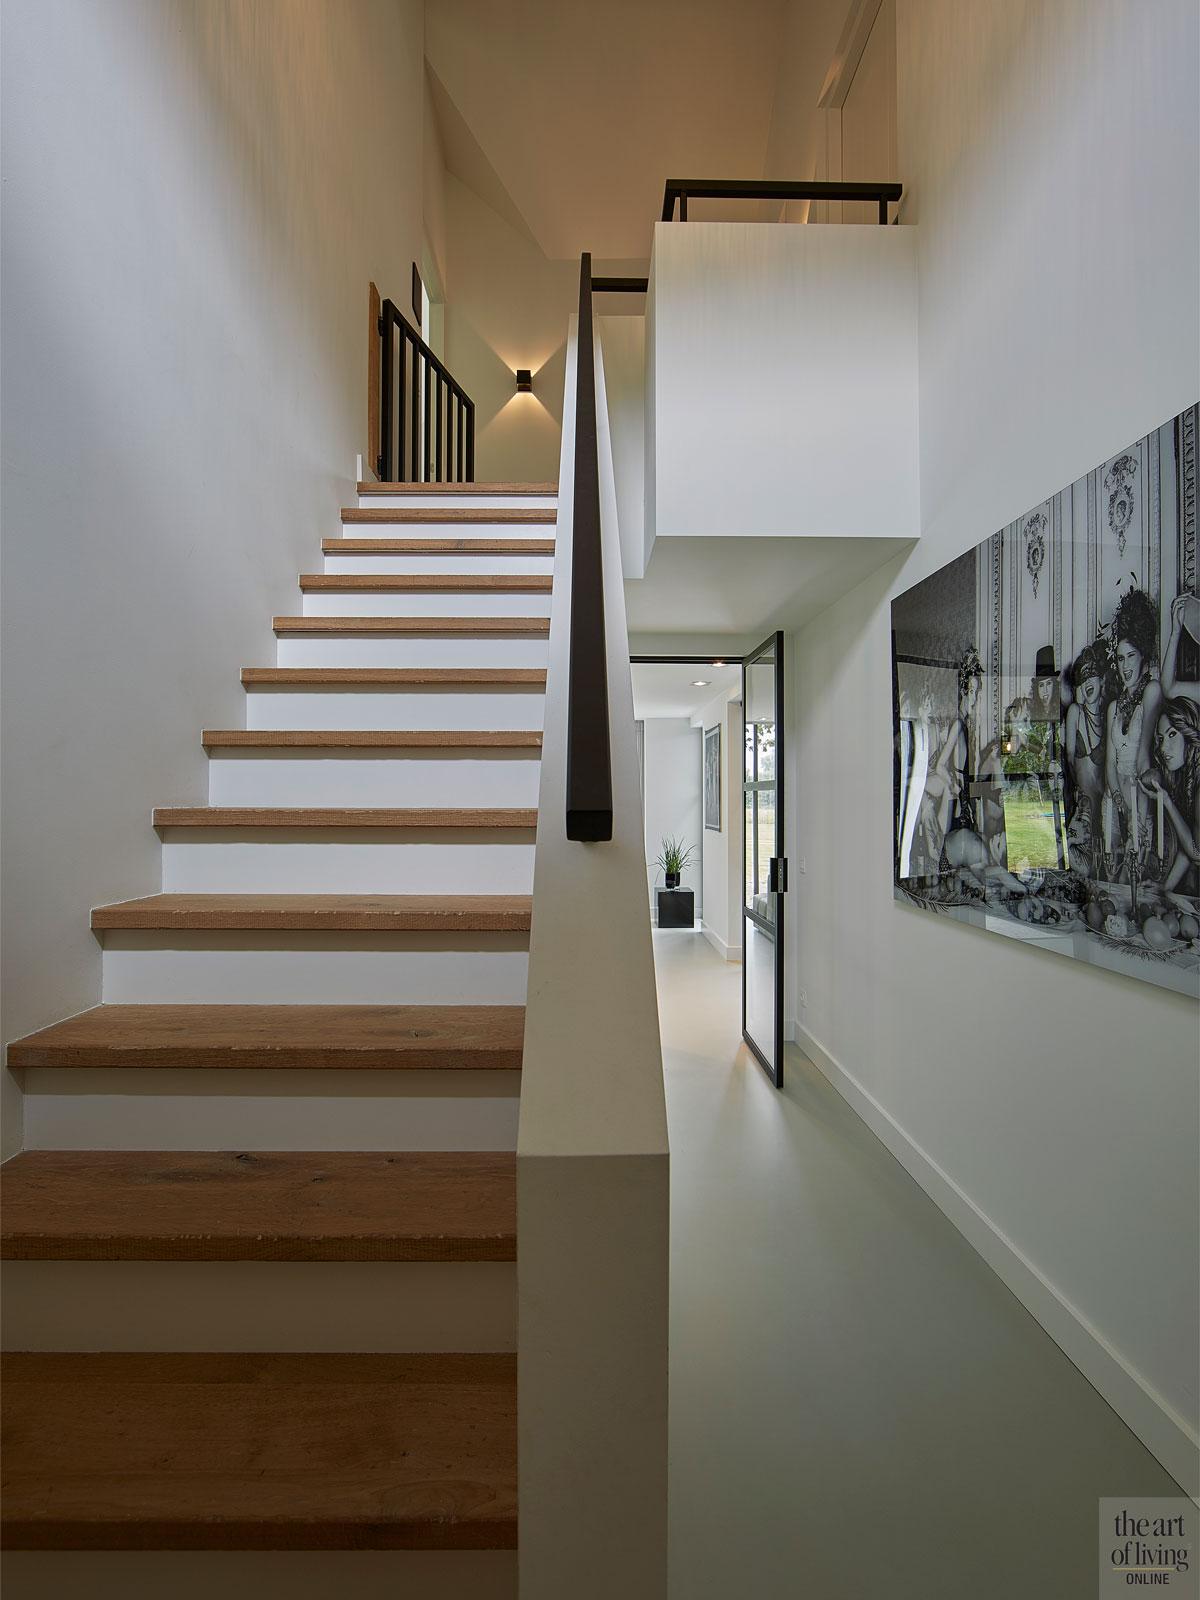 Chic interieur, Mirthe Janus, trap, hal, houten trap, strakke trap, moderne trap